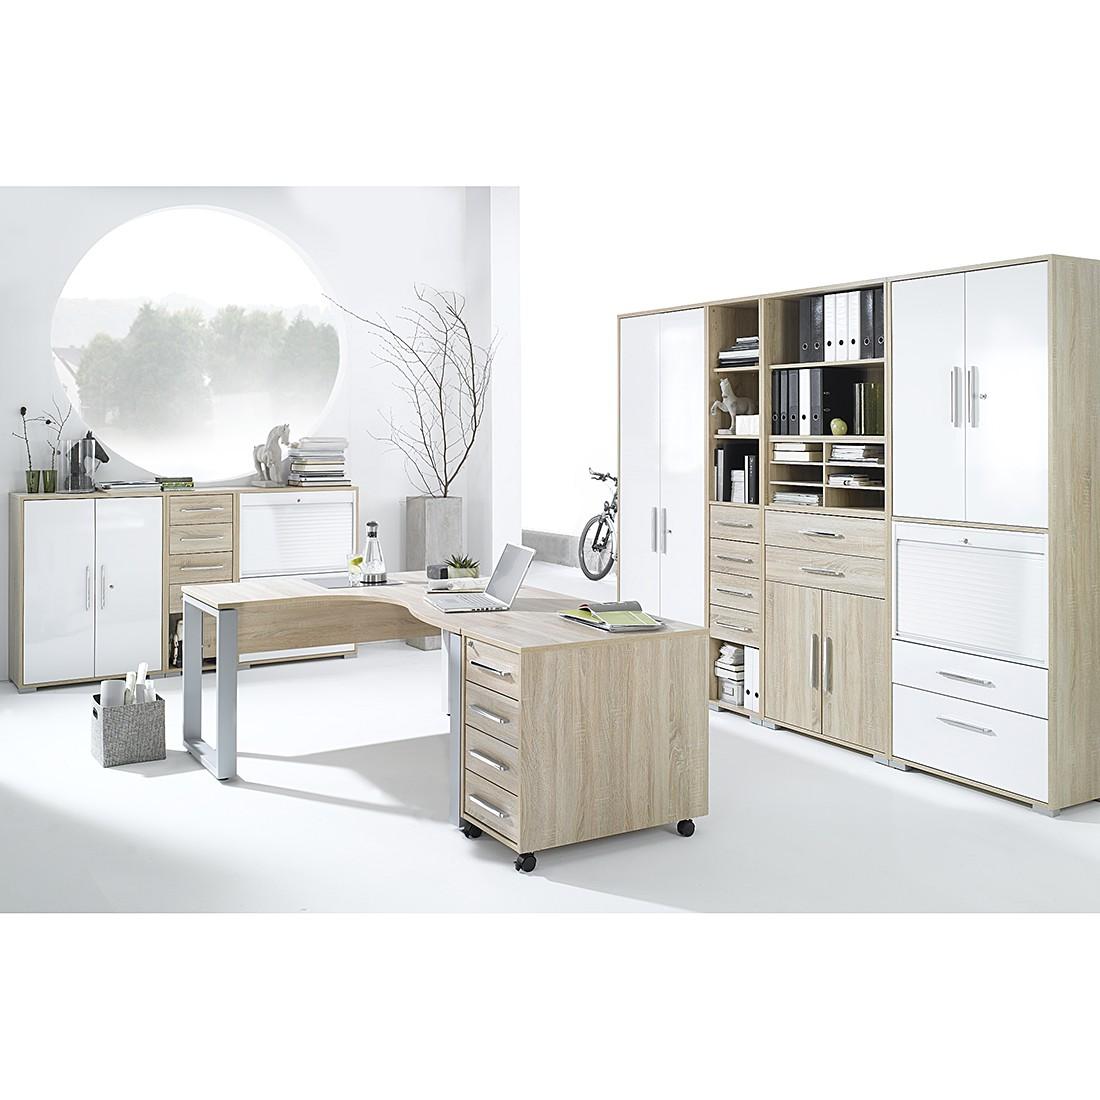 Home 24 - Combinaison de bureau merit xi (9 éléments) - imitation chêne de sonoma / blanc brillant, maja möbel